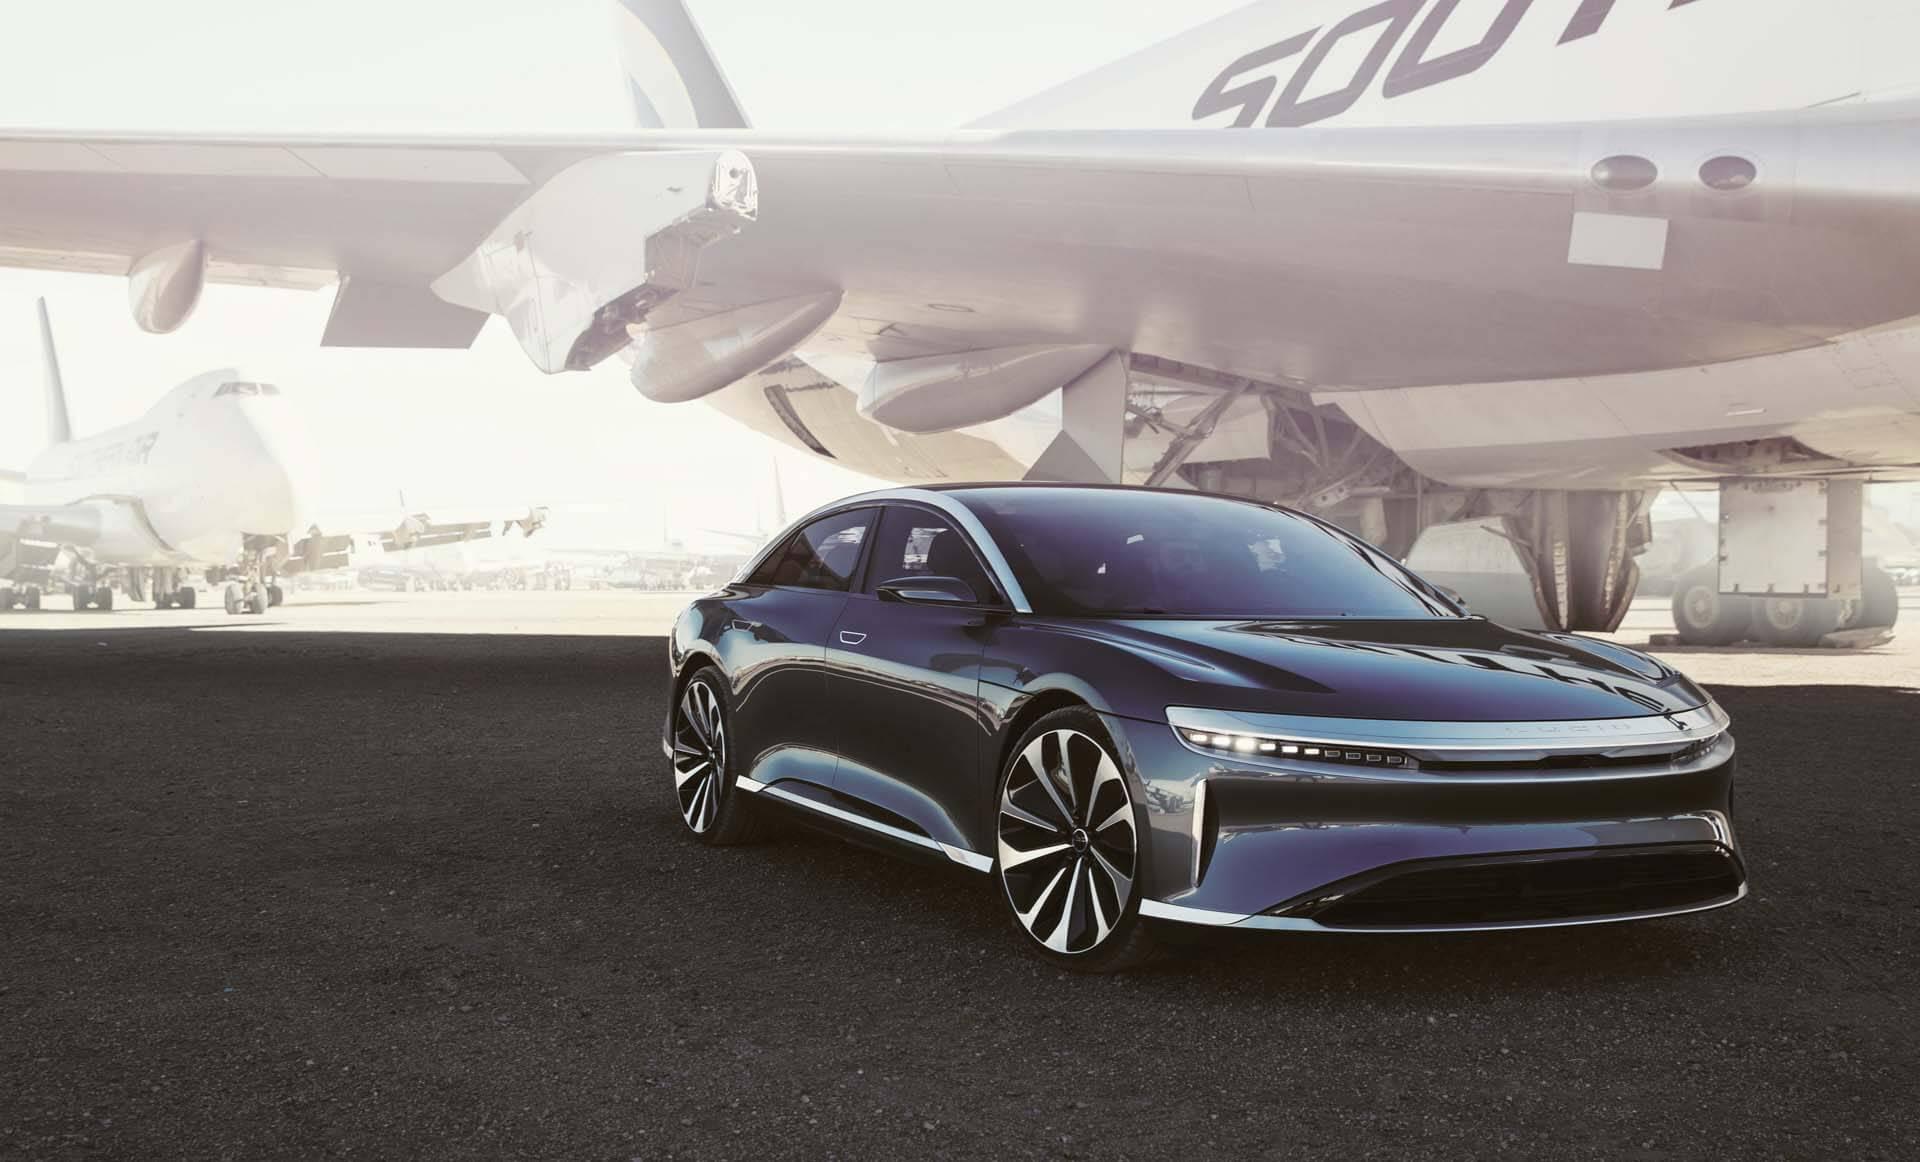 من المقرر أن يبدأ سعر السيارة الجديدة من 60 ألف دولار